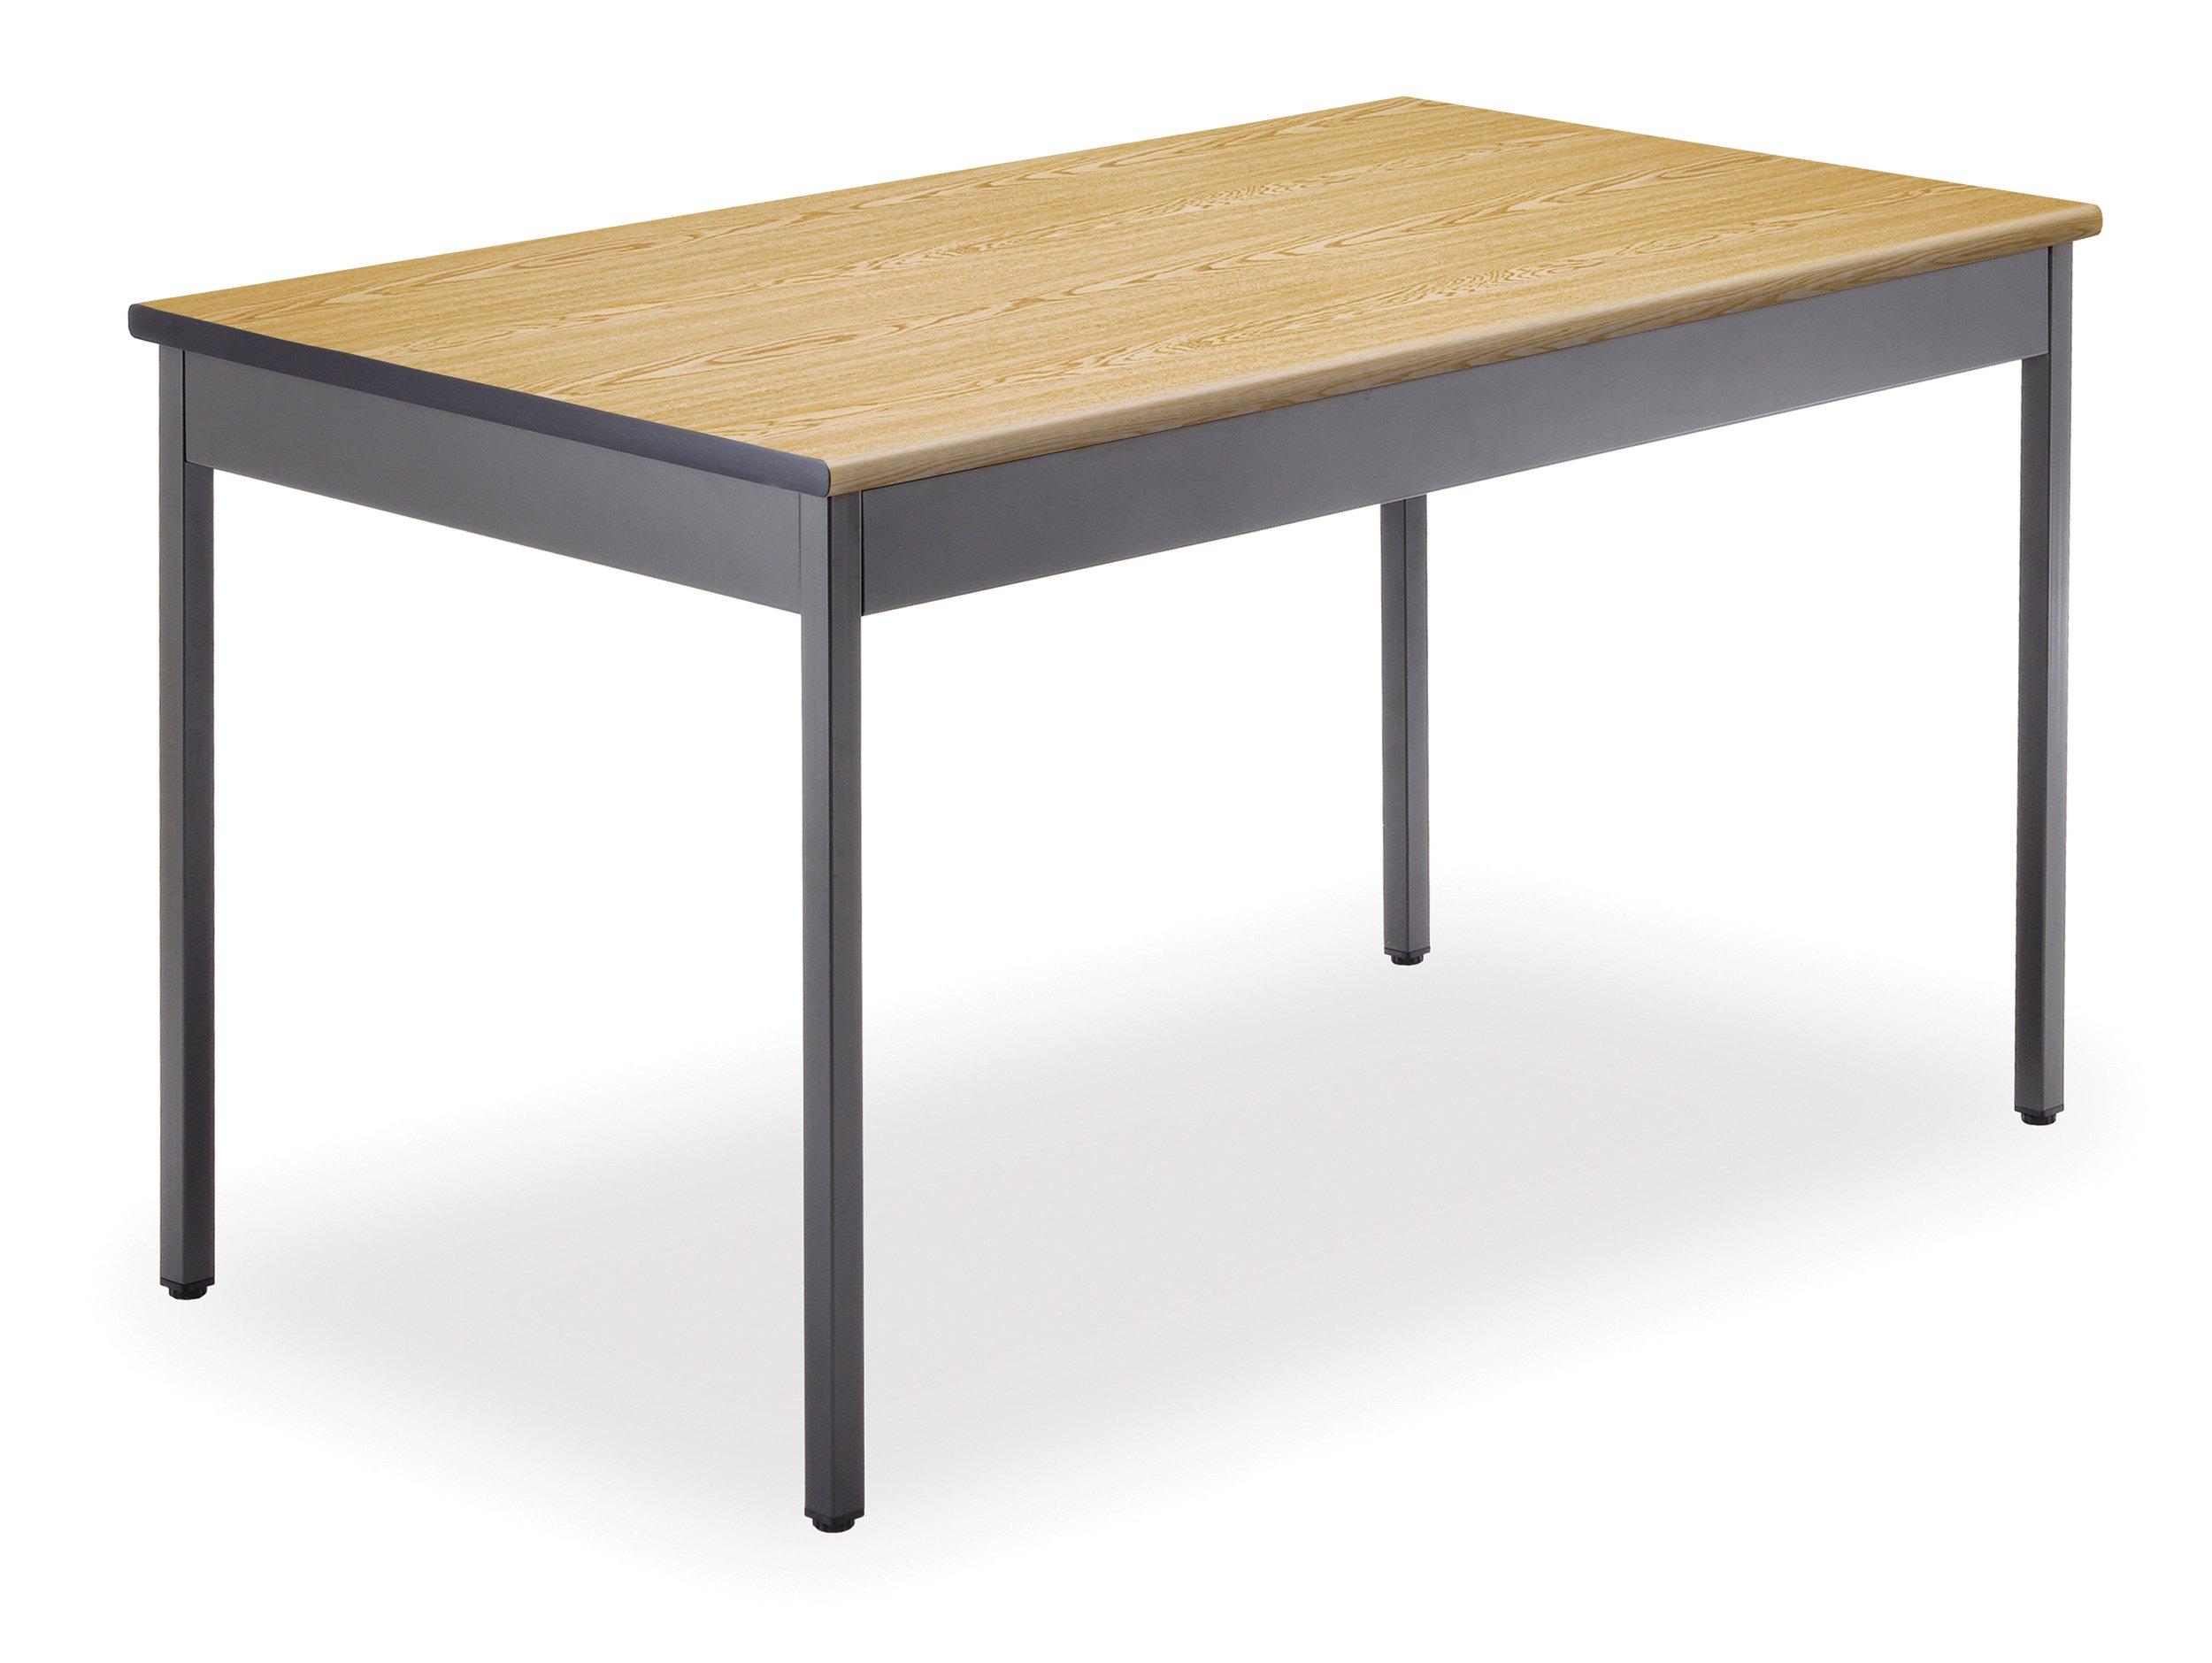 OFM UT3048-OAK Utility Table, 30 by 48-Inch, Oak by OFM